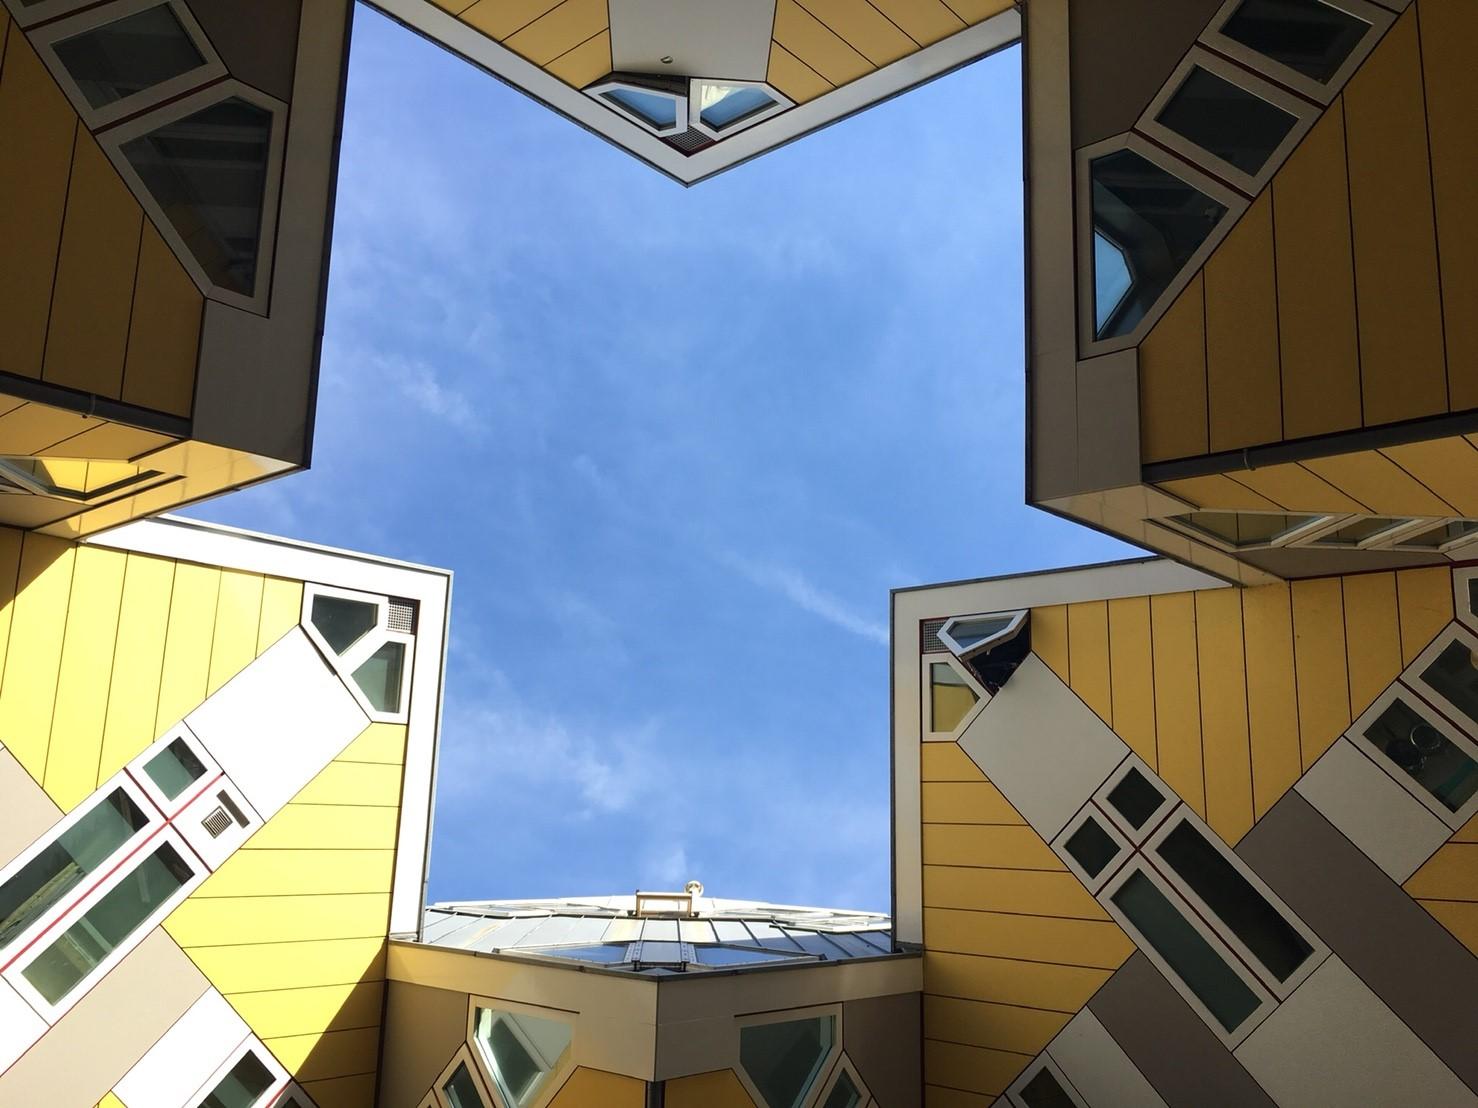 ロッテルダム キュービックハウス